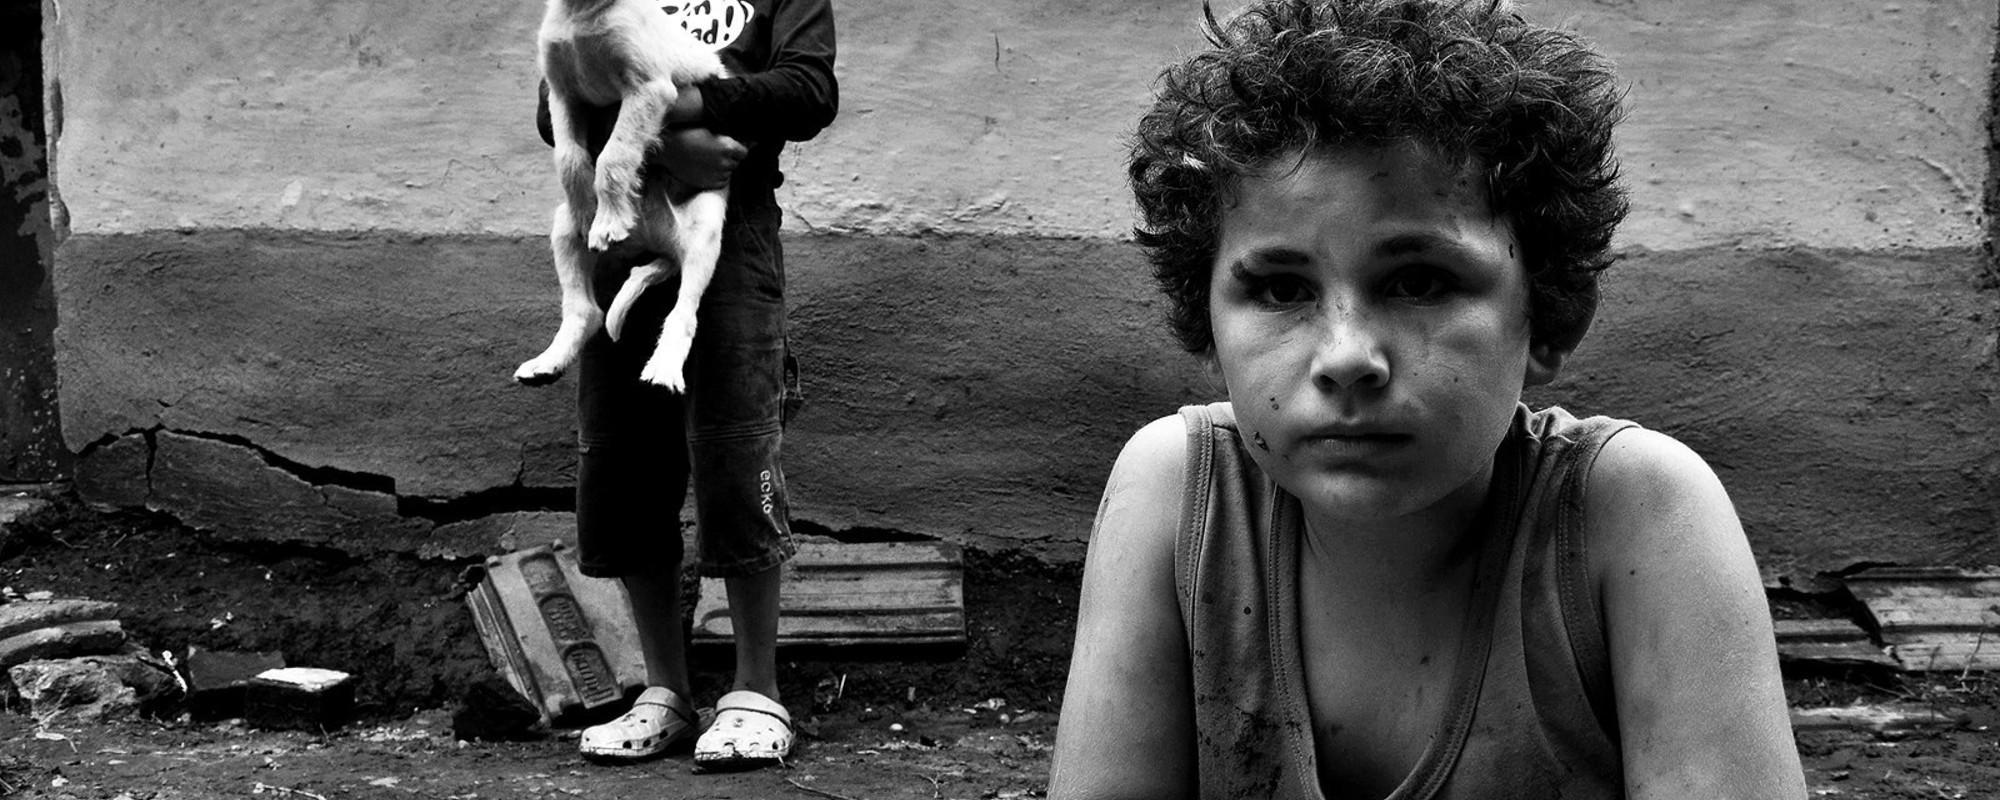 Fotografiile Dianei Maria sunt ca un trailer de film pe care vrei să-l vezi